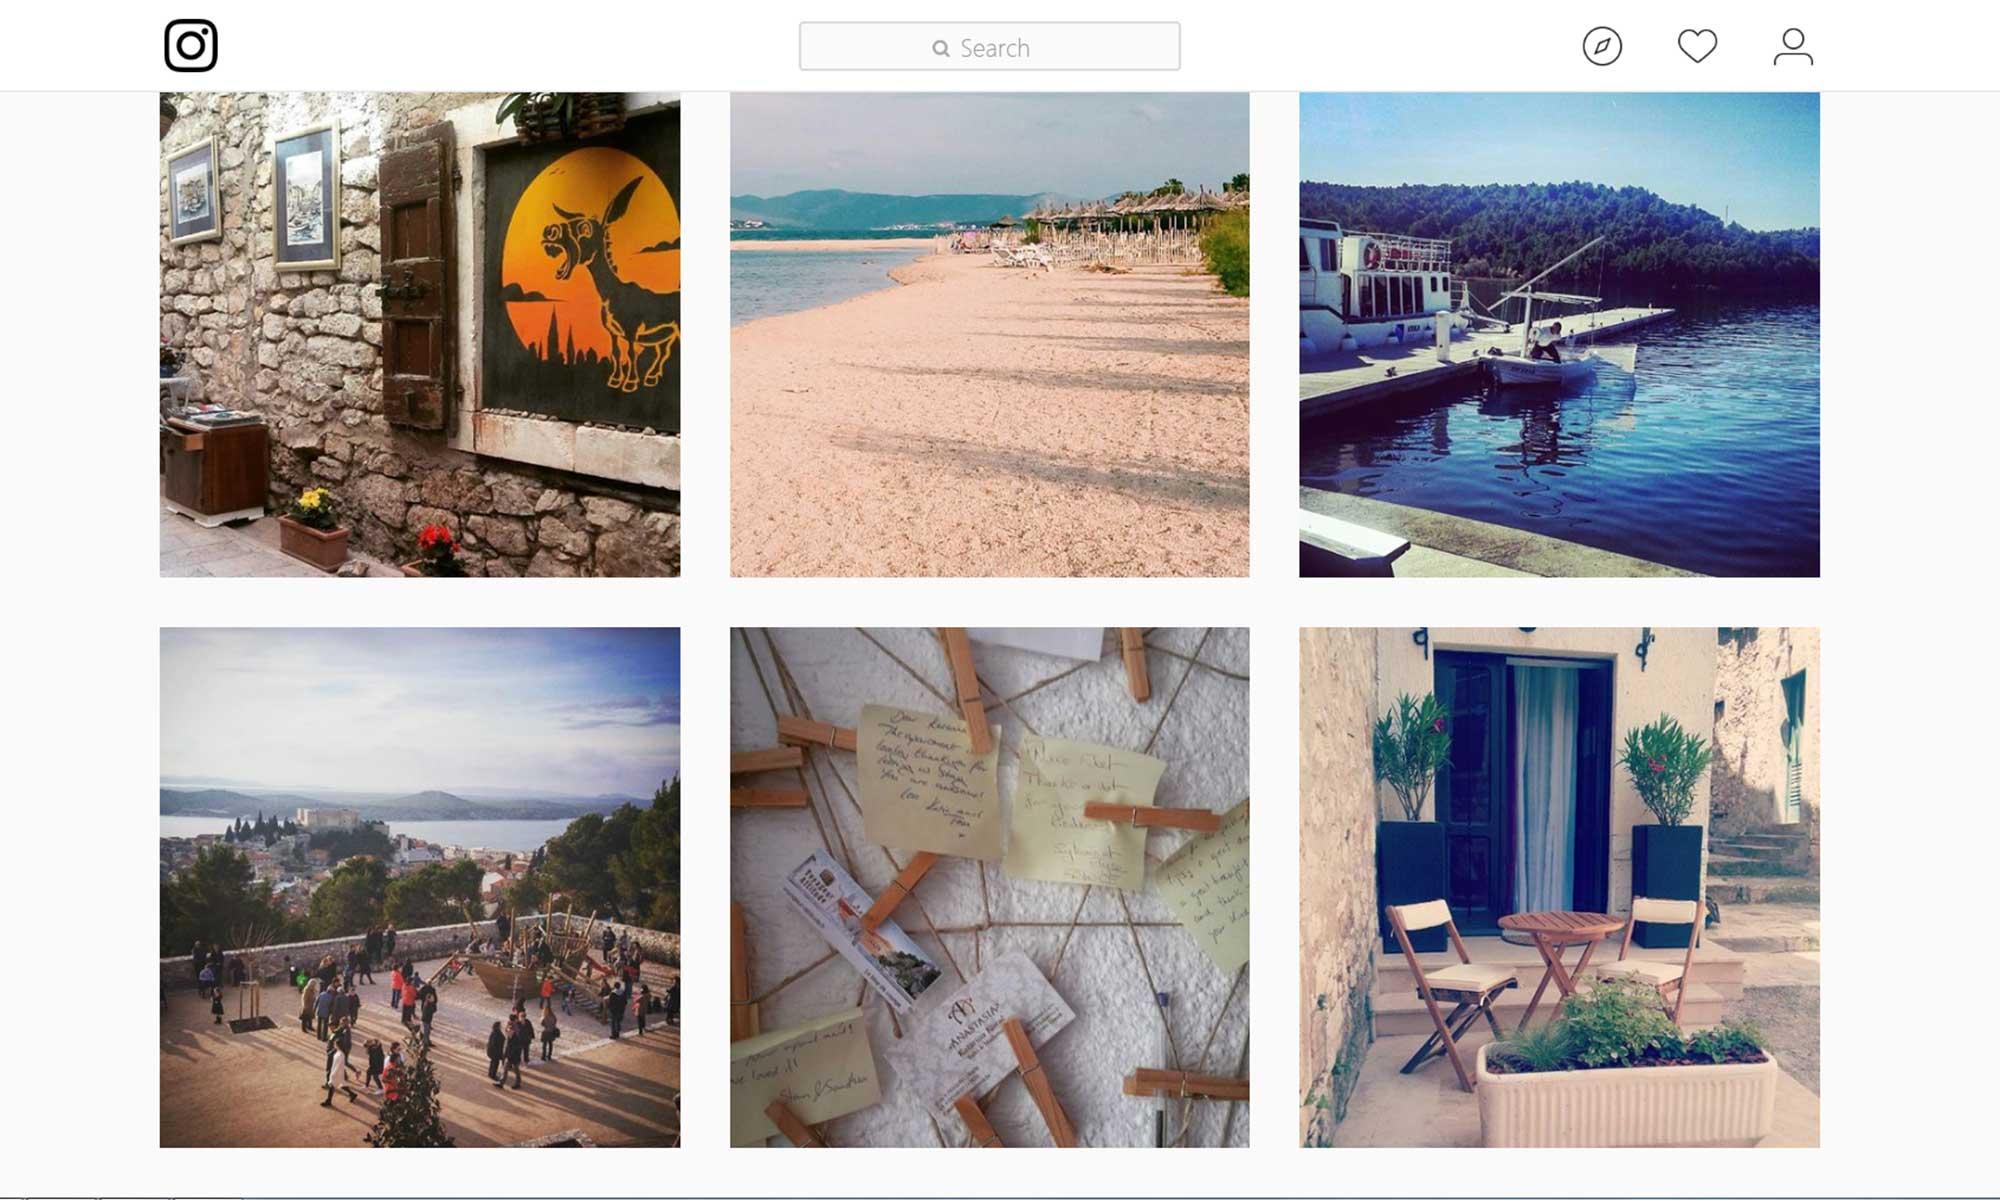 Kako napraviti Instagram profil za oglašavanje apartmana?